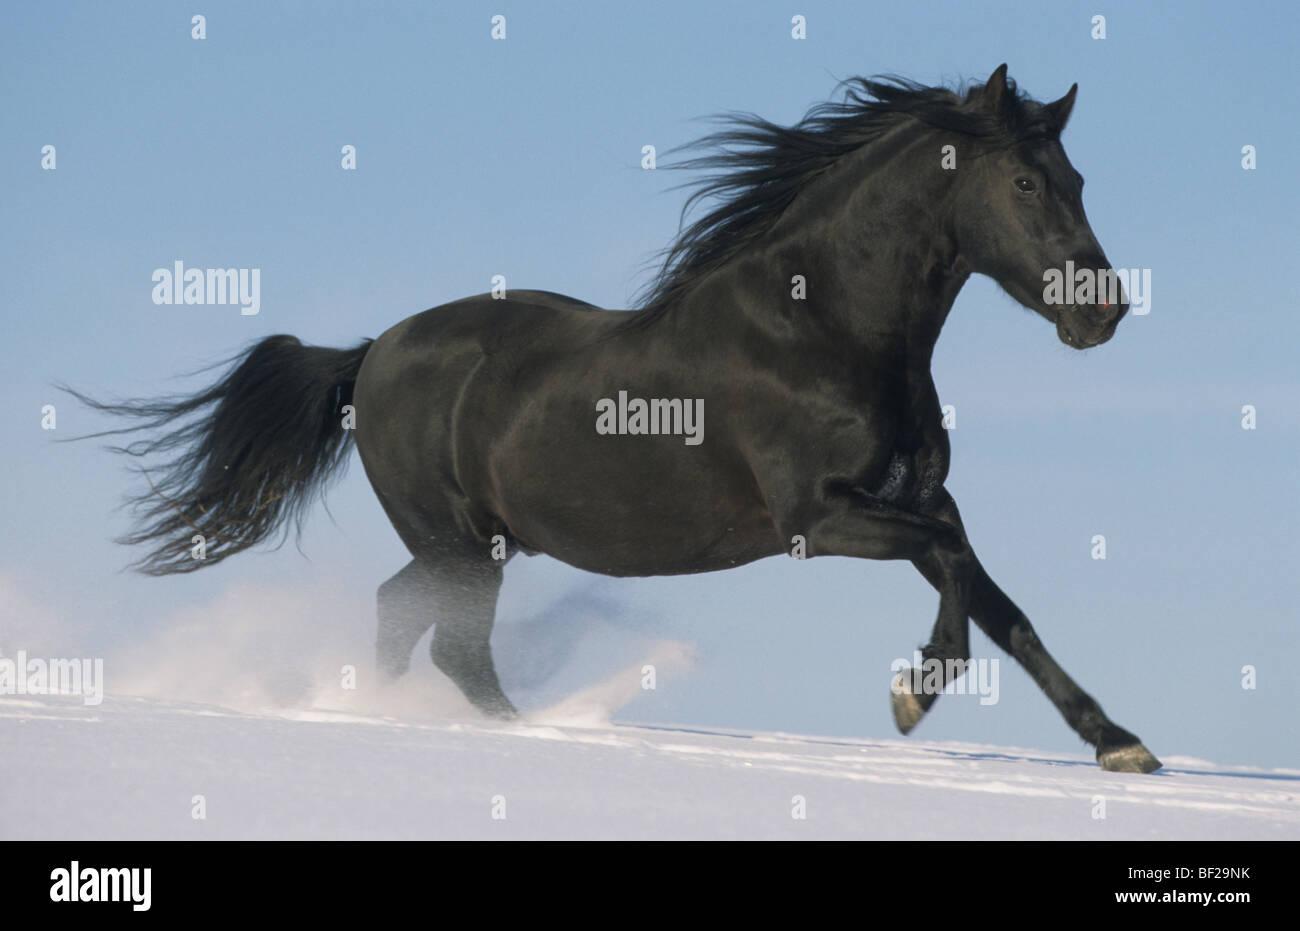 Paso Fino (Equus caballus). Black stallion in gallop over snow. - Stock Image